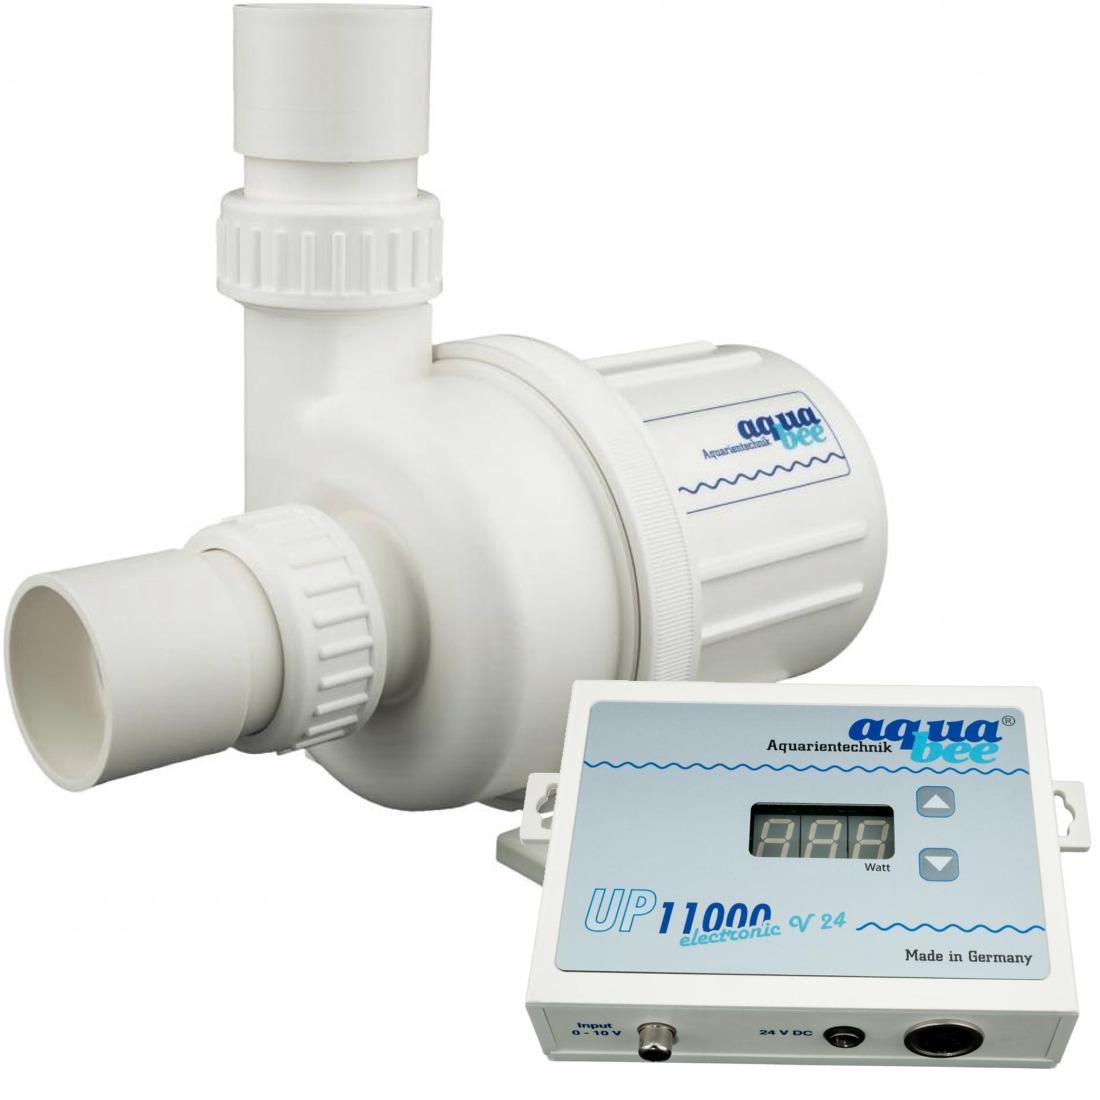 AQUABEE UP 11000e 24V pompe d\'aquarium 11000 L/h fonctionnement basse tension avec contrôleur électronique